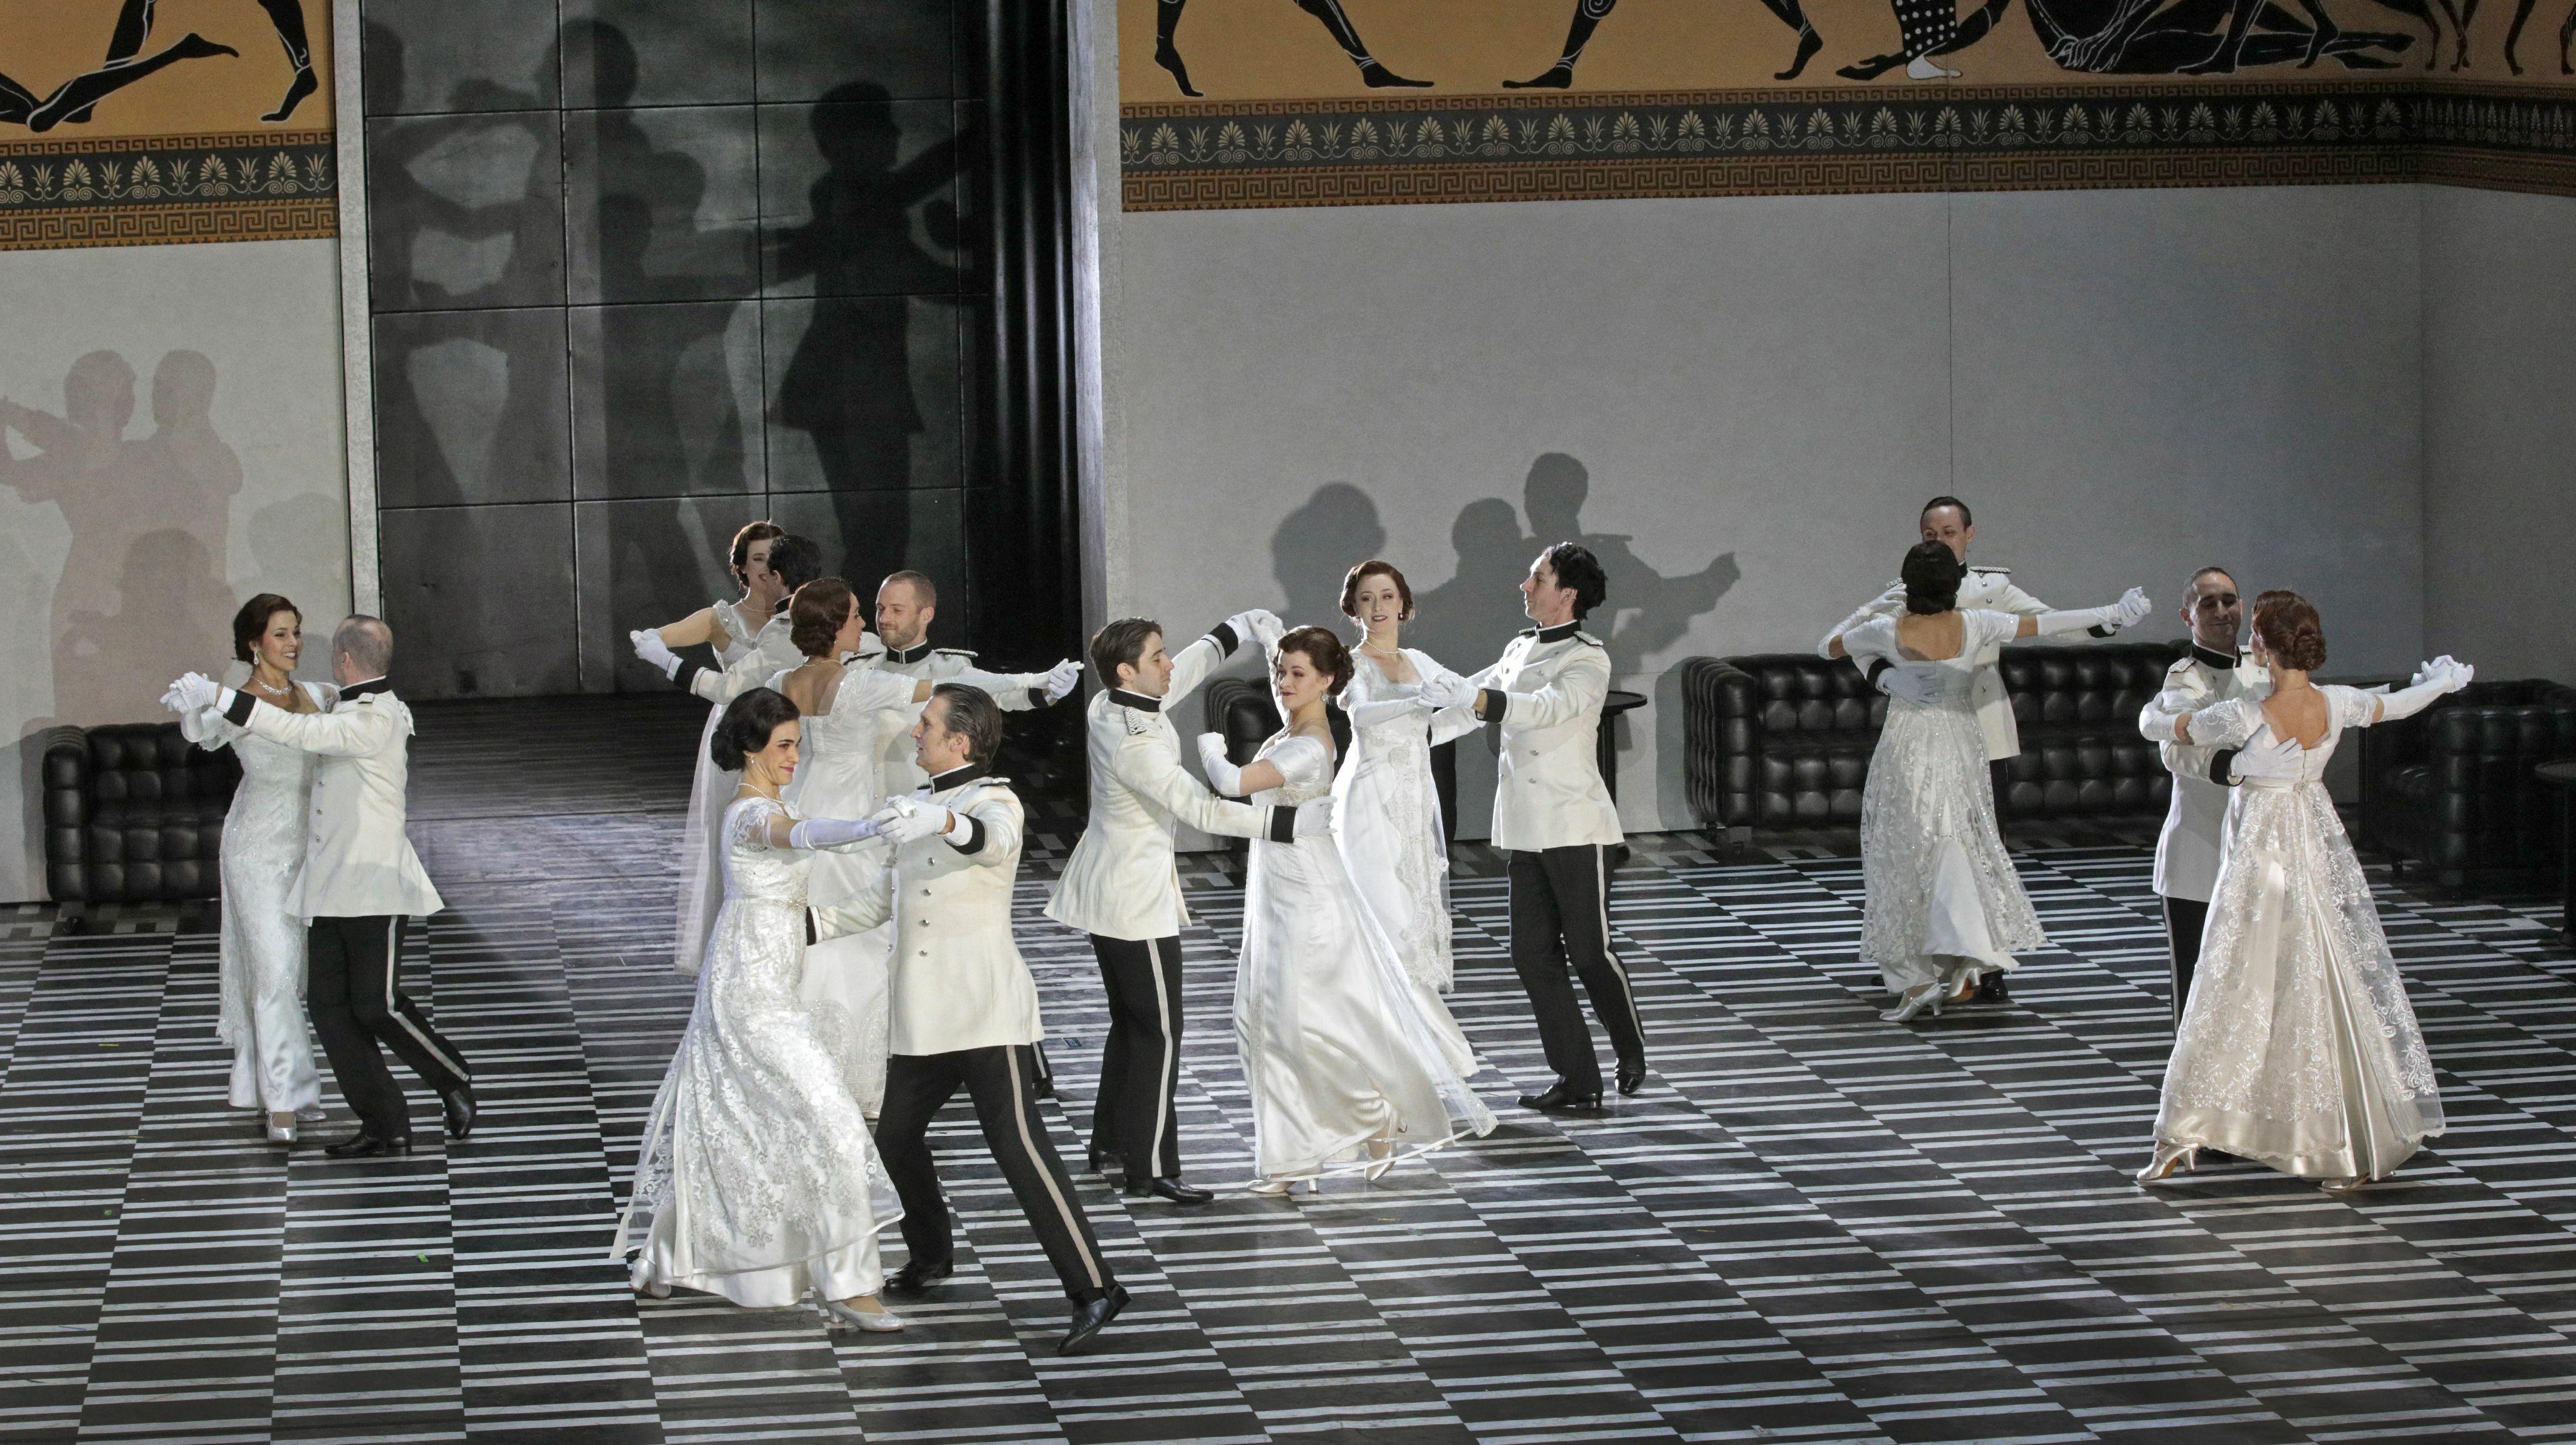 """""""Der Rosenkavalier"""": Strauss' Ever-Timely Romance"""